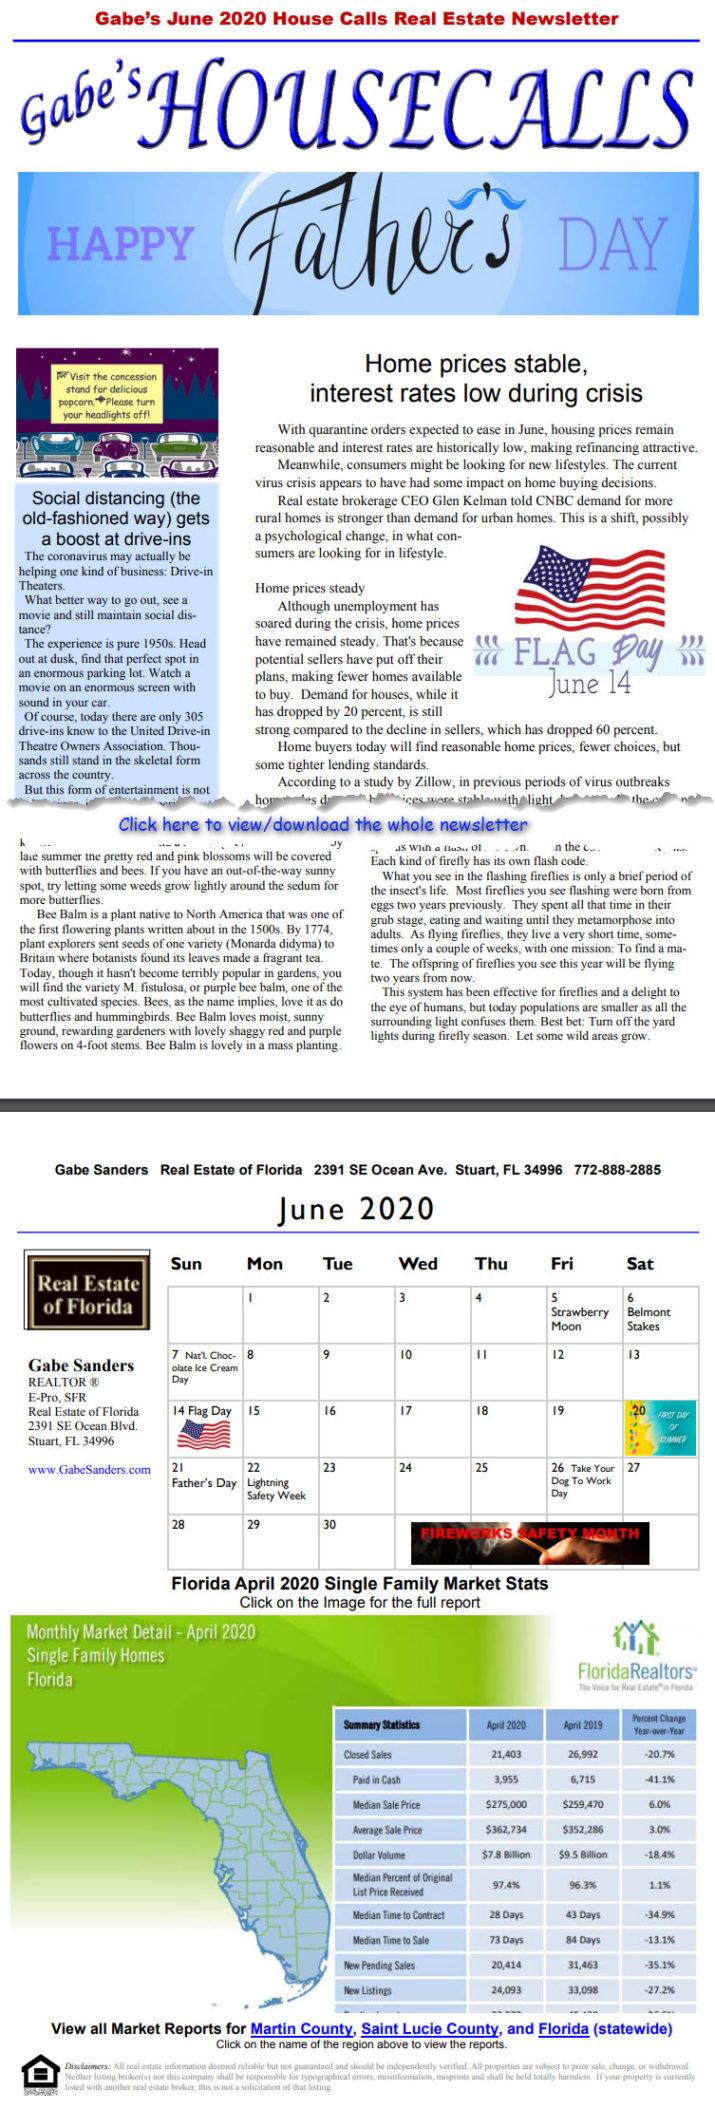 Gabe's June 2020 House Calls Real Estate Newsletter